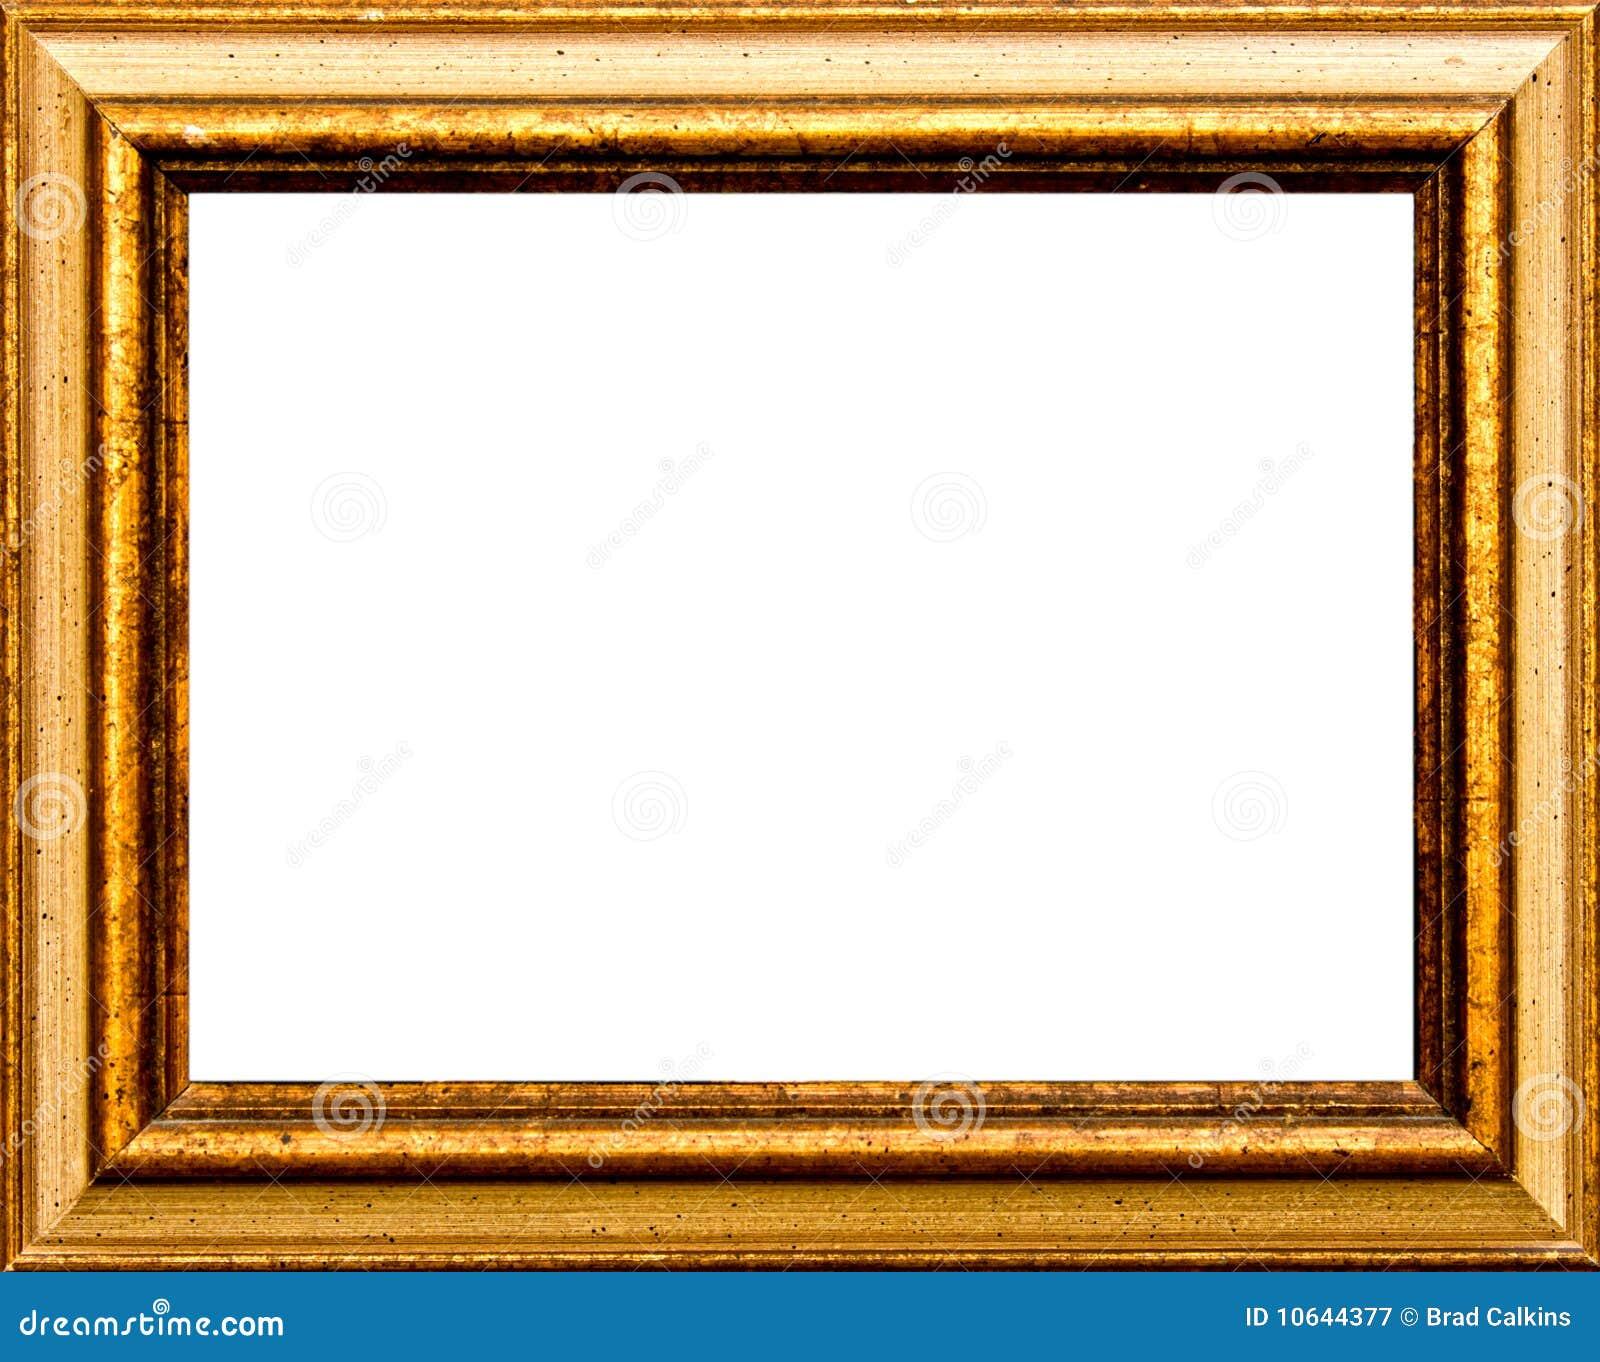 Wood Frame Stock Image Image Of Frames Border